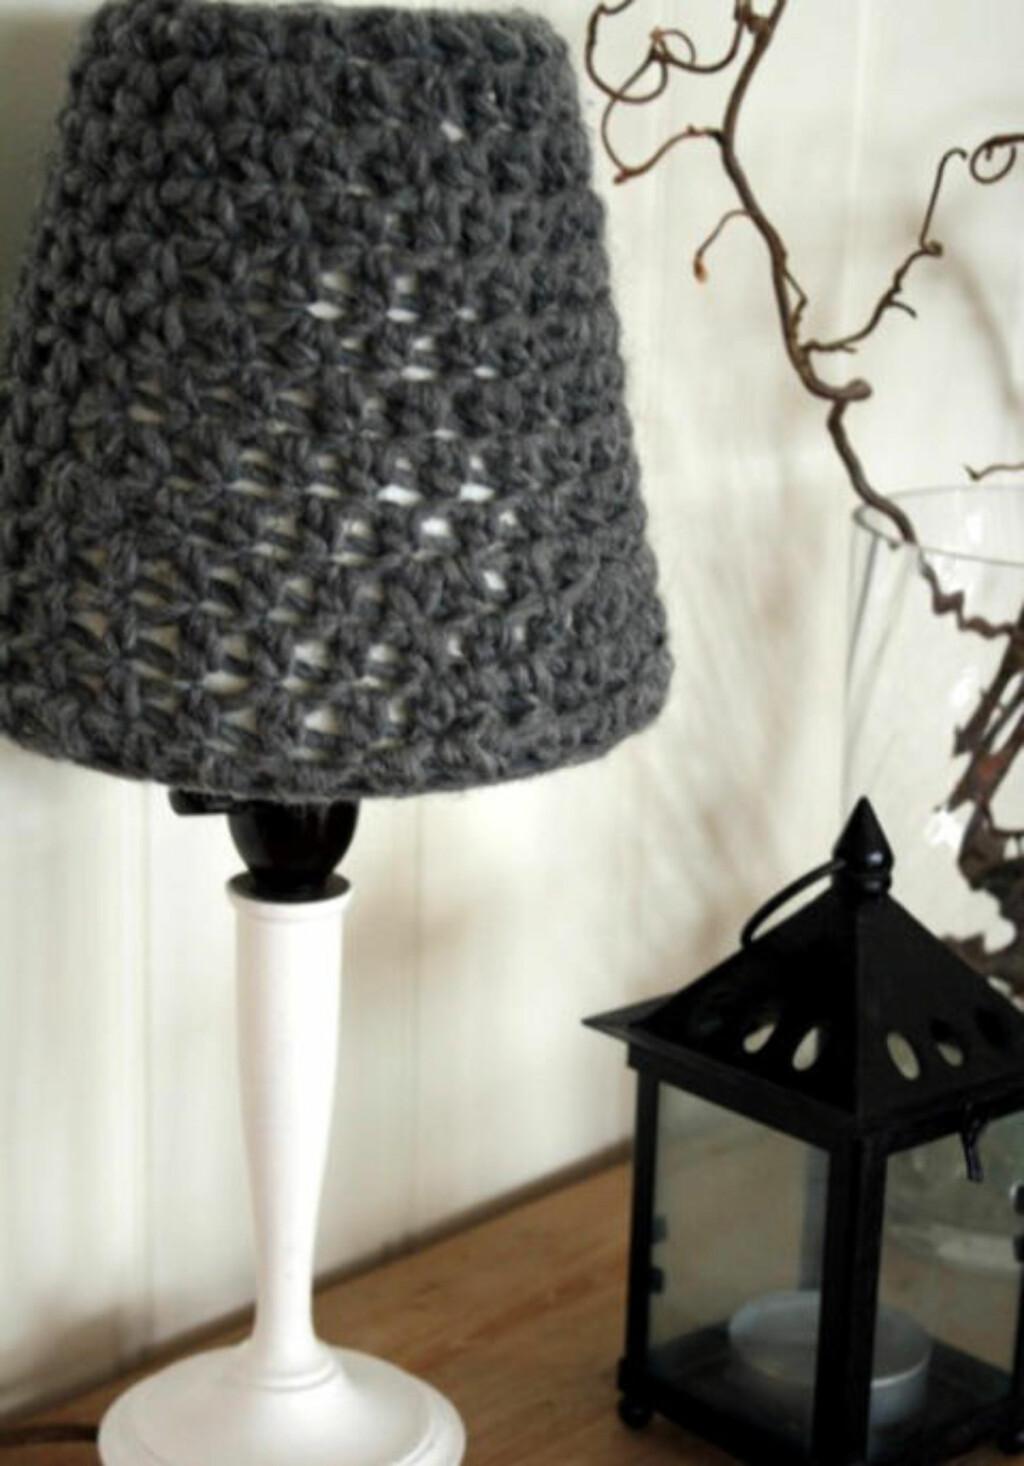 LAMPETREKK: Trekket kan enkelt tilpasses din lampeskjerm. FOTO: Janne Merete Frydenlund